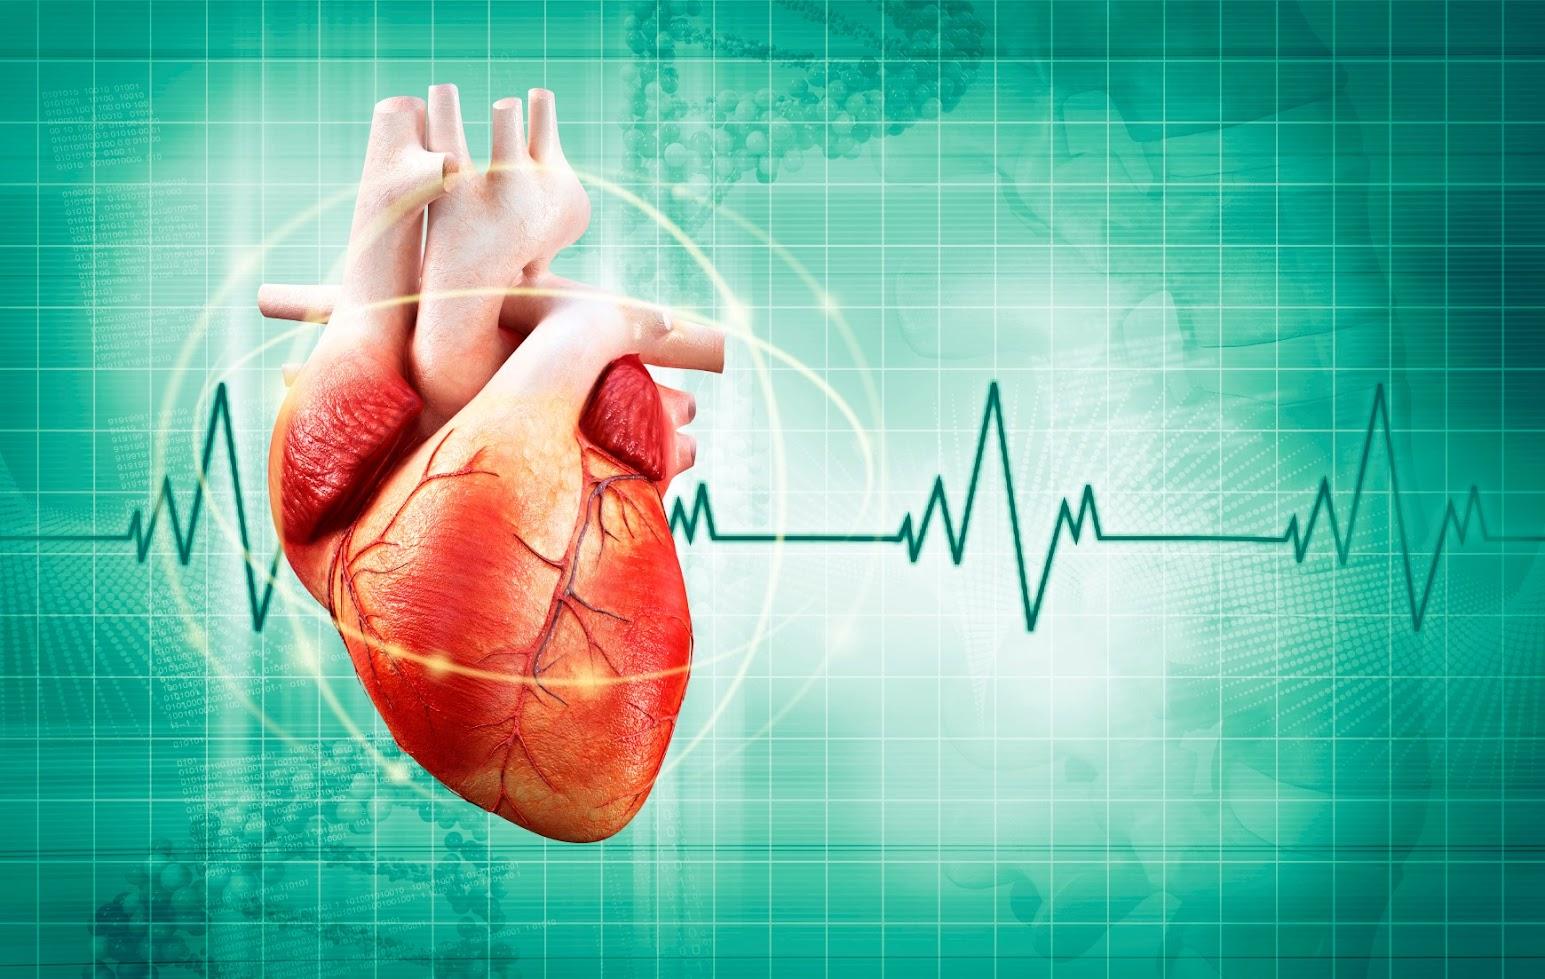 Phần lớn bệnh nhân nhồi máu cơ tim cấp bị rối loạn nhịp tim